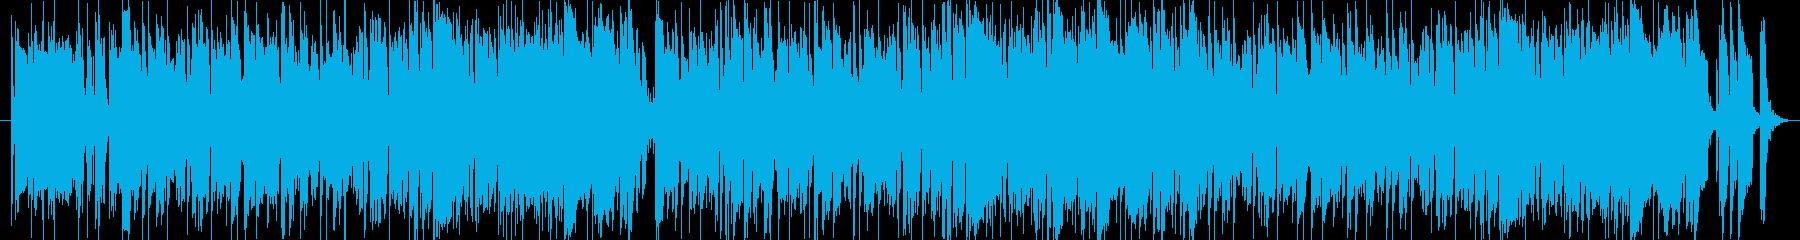 ラテンっぽい明るく軽快な雰囲気の曲です。の再生済みの波形